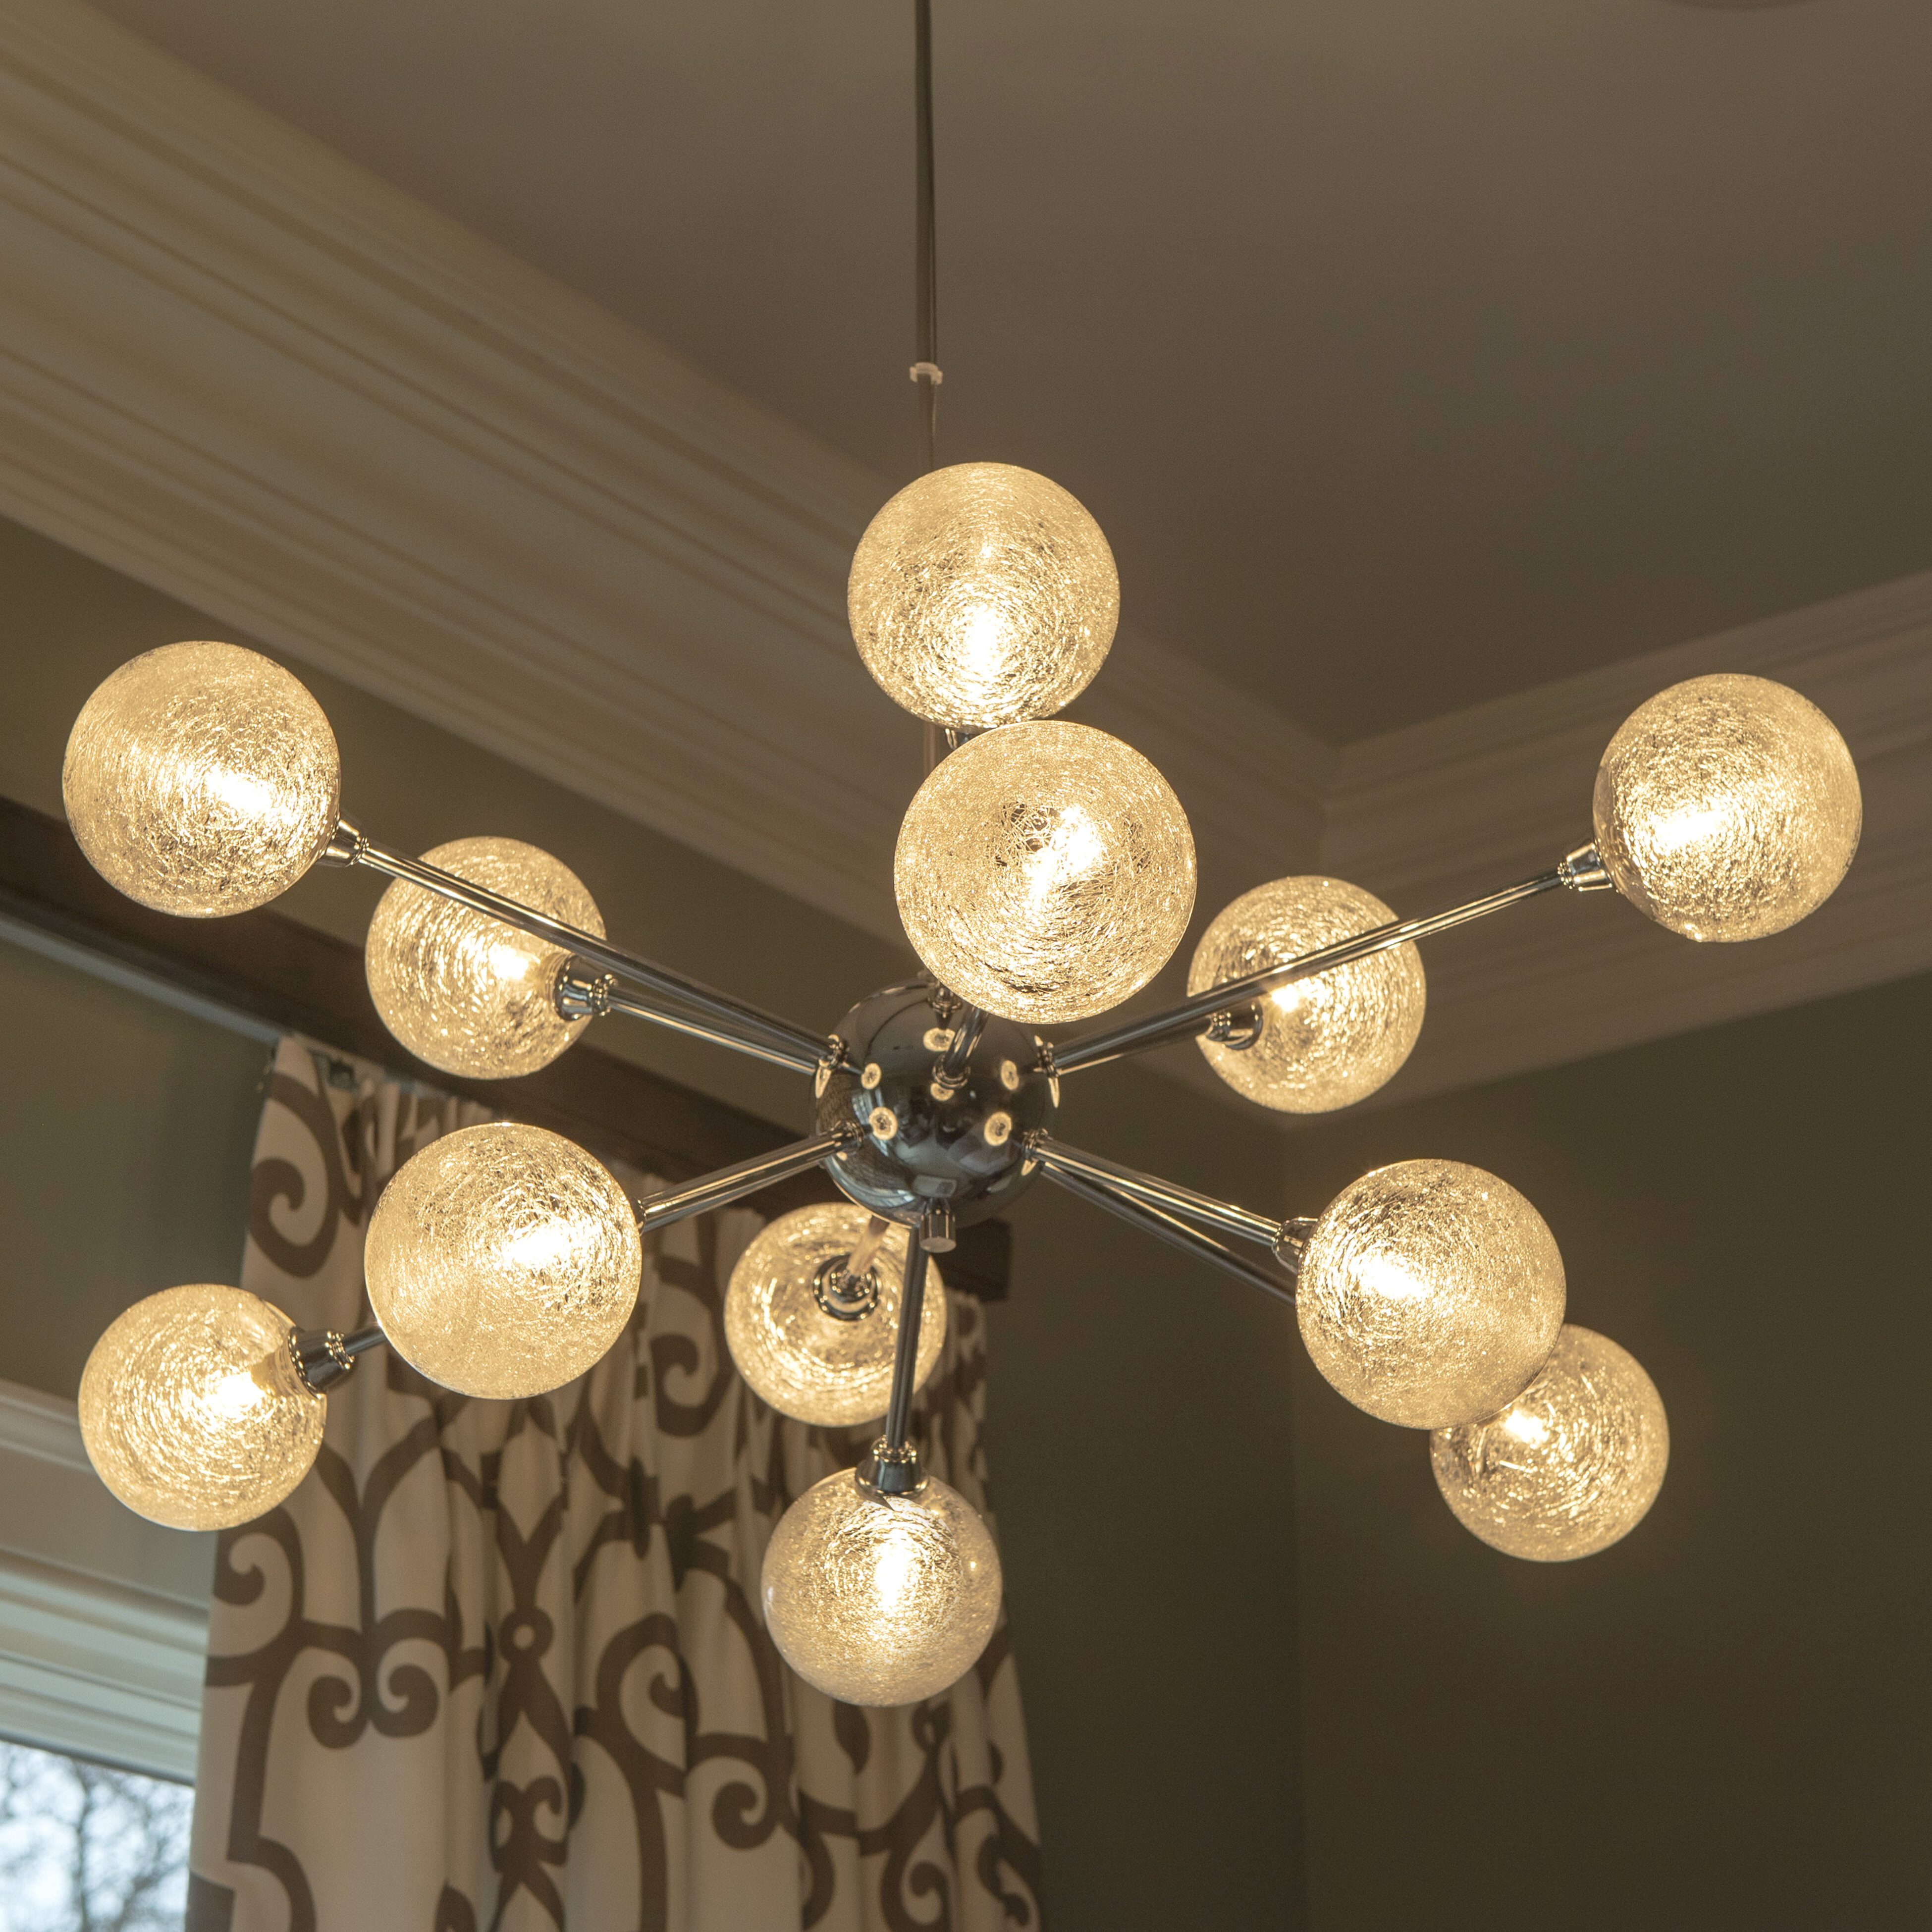 Ike 12 Light Sputnik Chandelier Intended For Most Up To Date Asher 12 Light Sputnik Chandeliers (View 16 of 25)